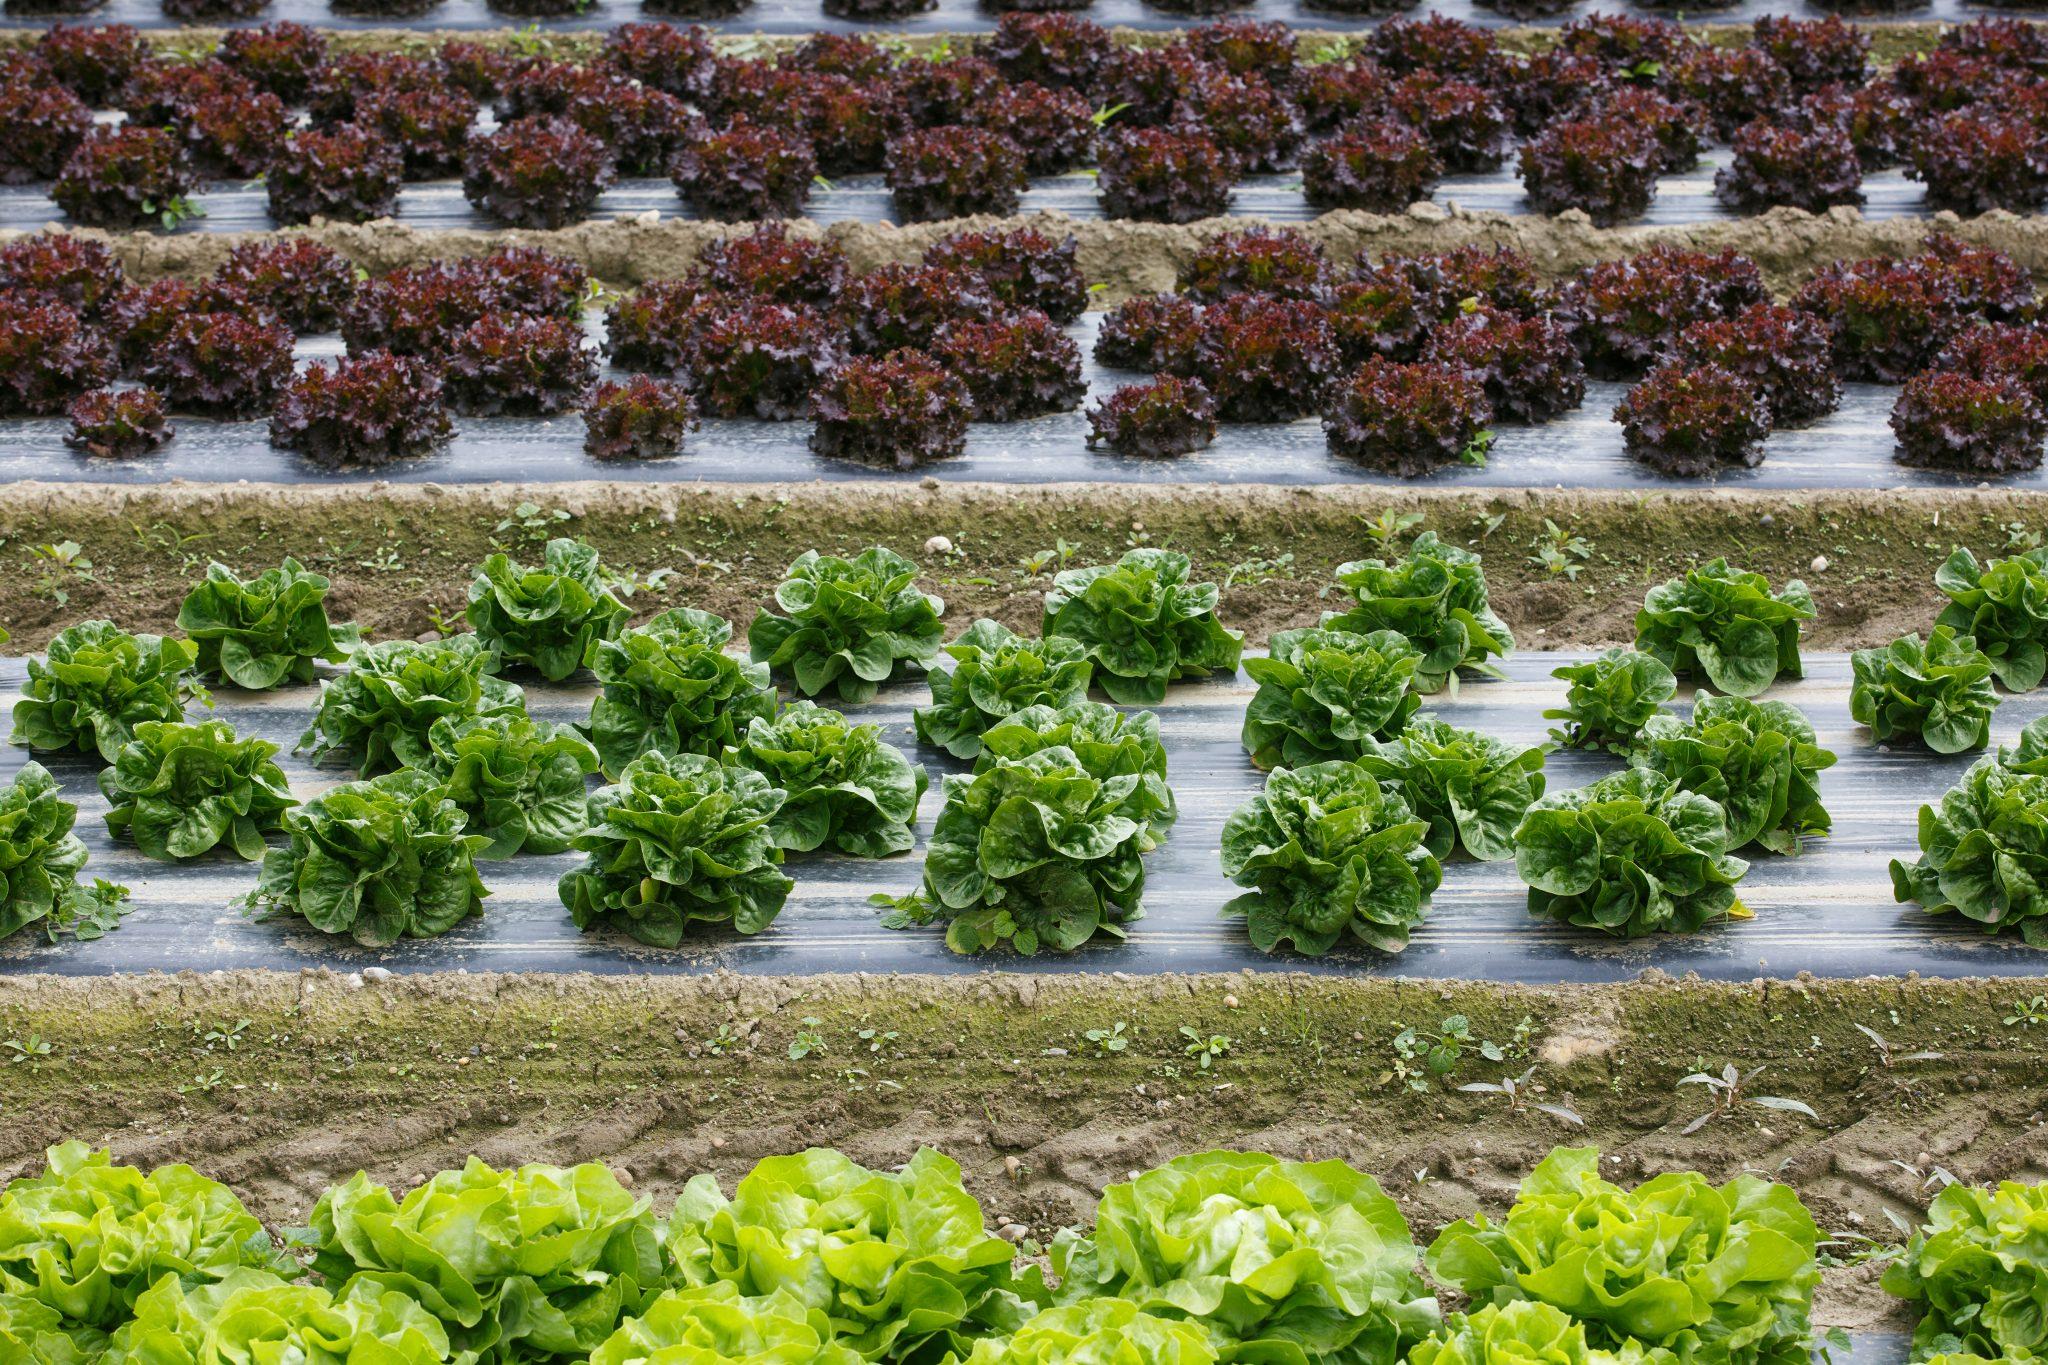 Lettuce growing on plastic mulch